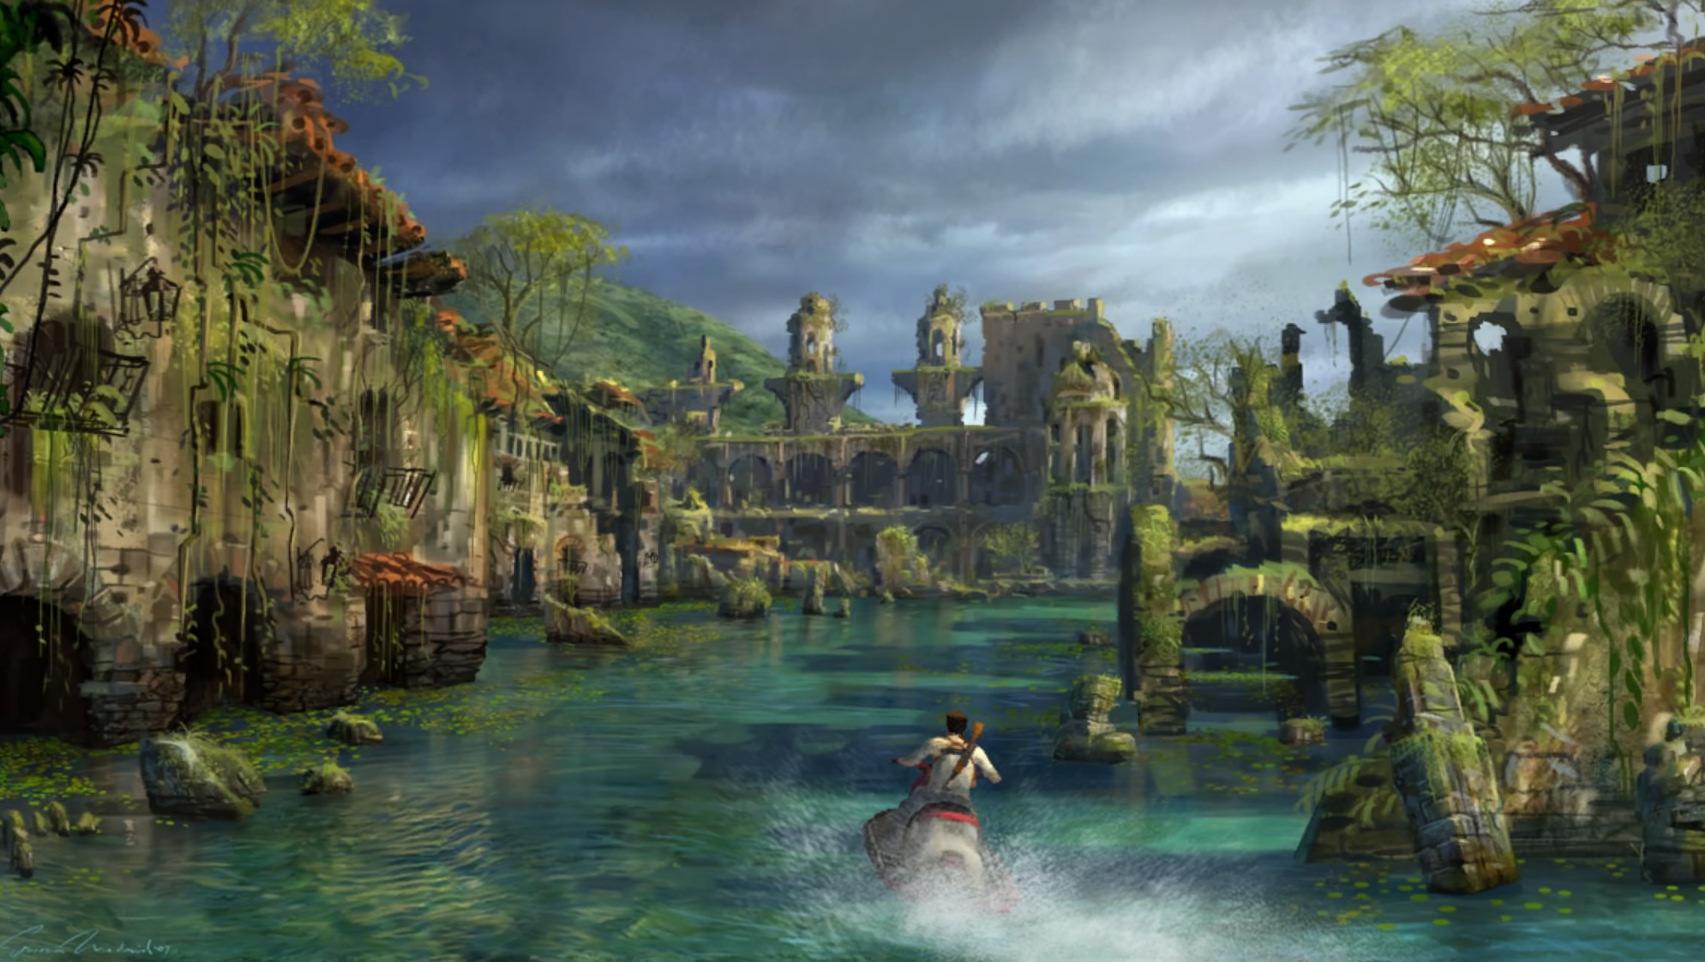 Atlantis Versunkene Stadt